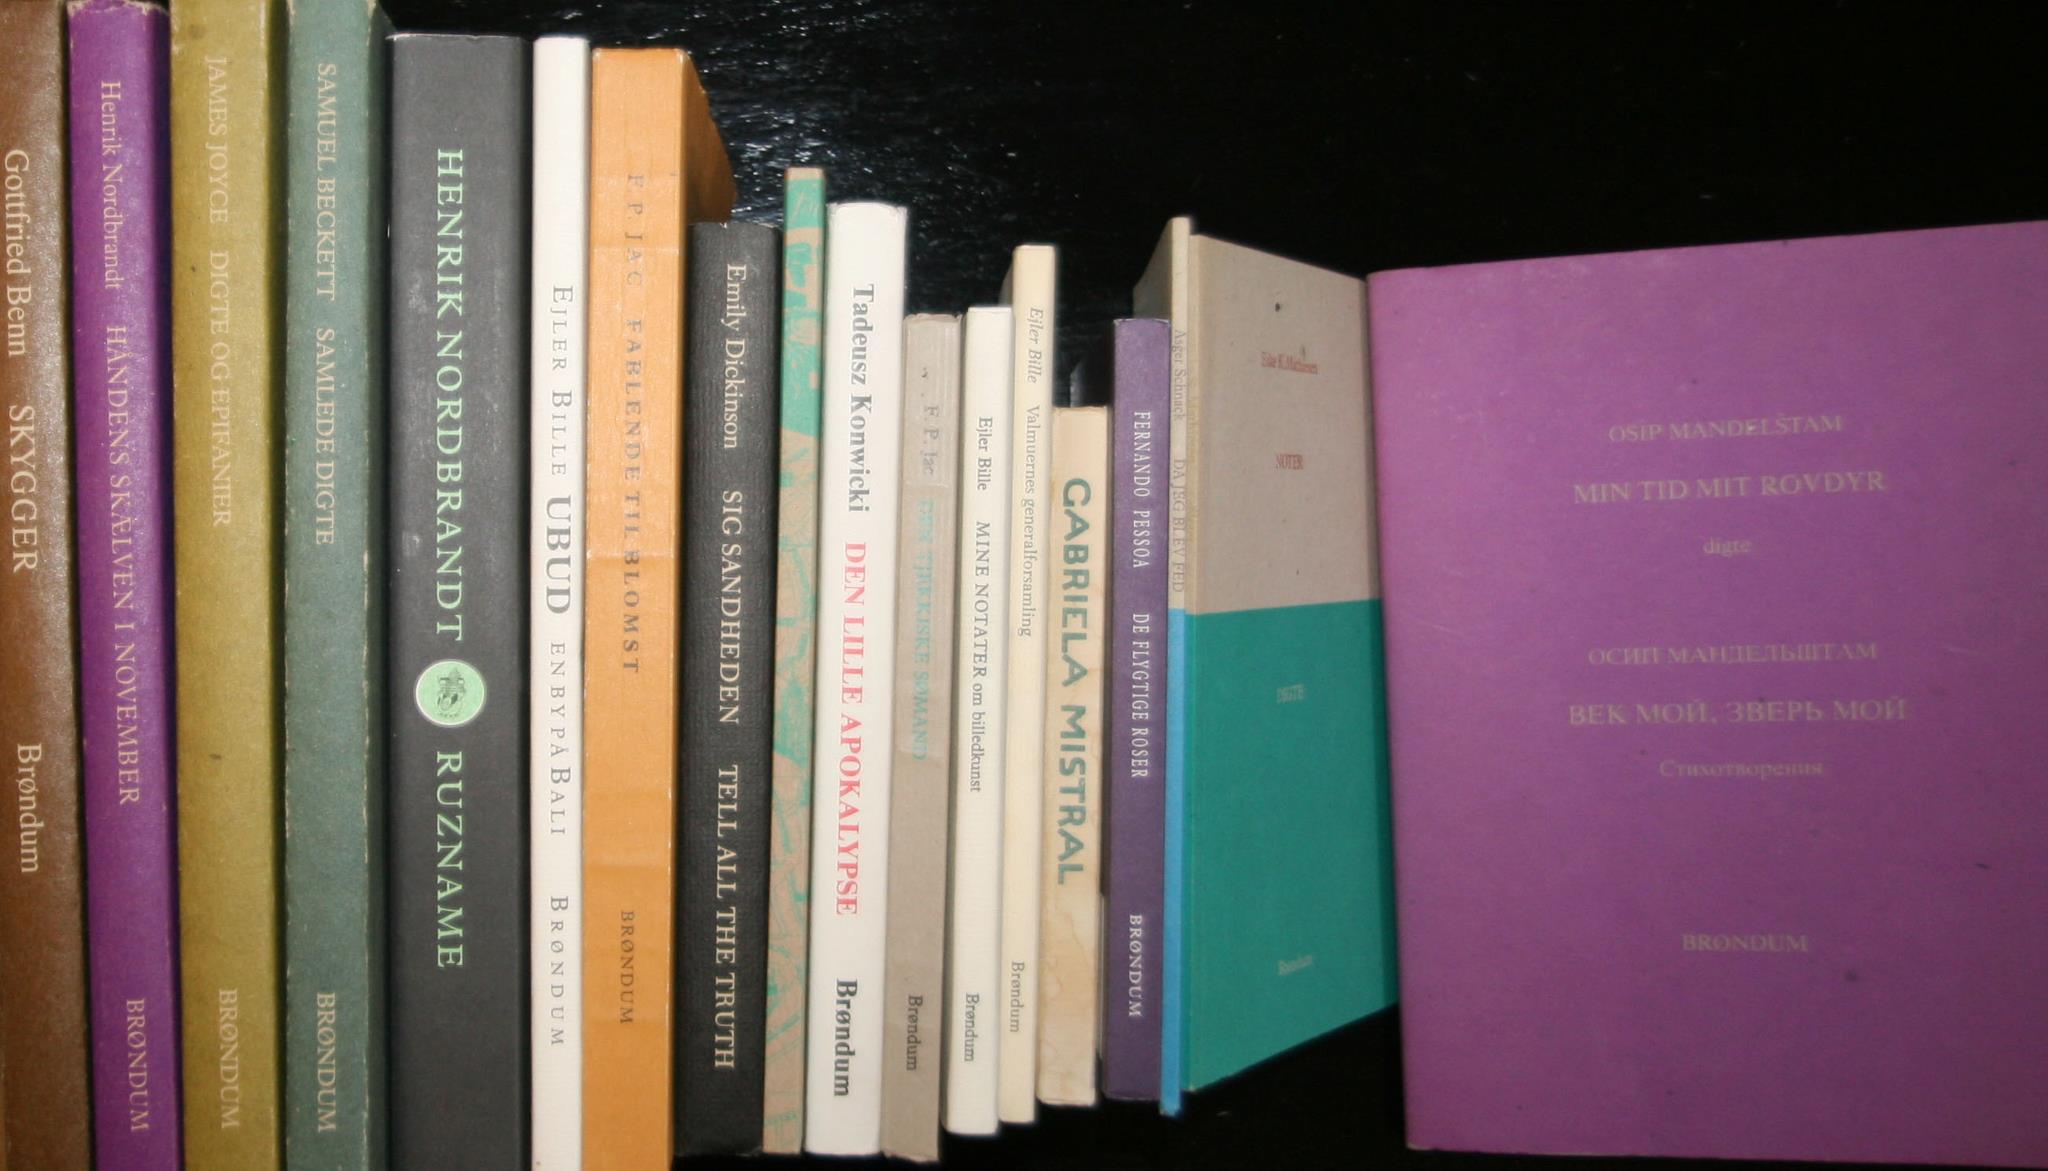 Bøger fra Brøndums Forlag